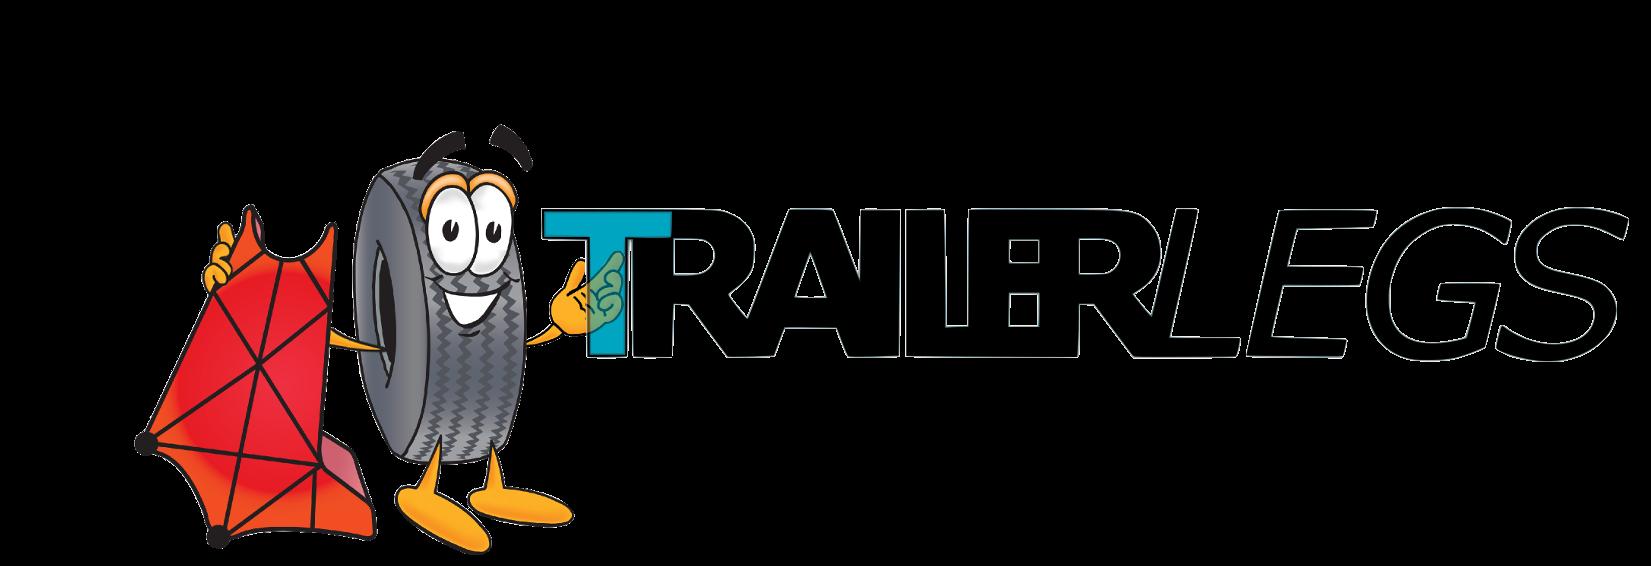 TrailerLegs